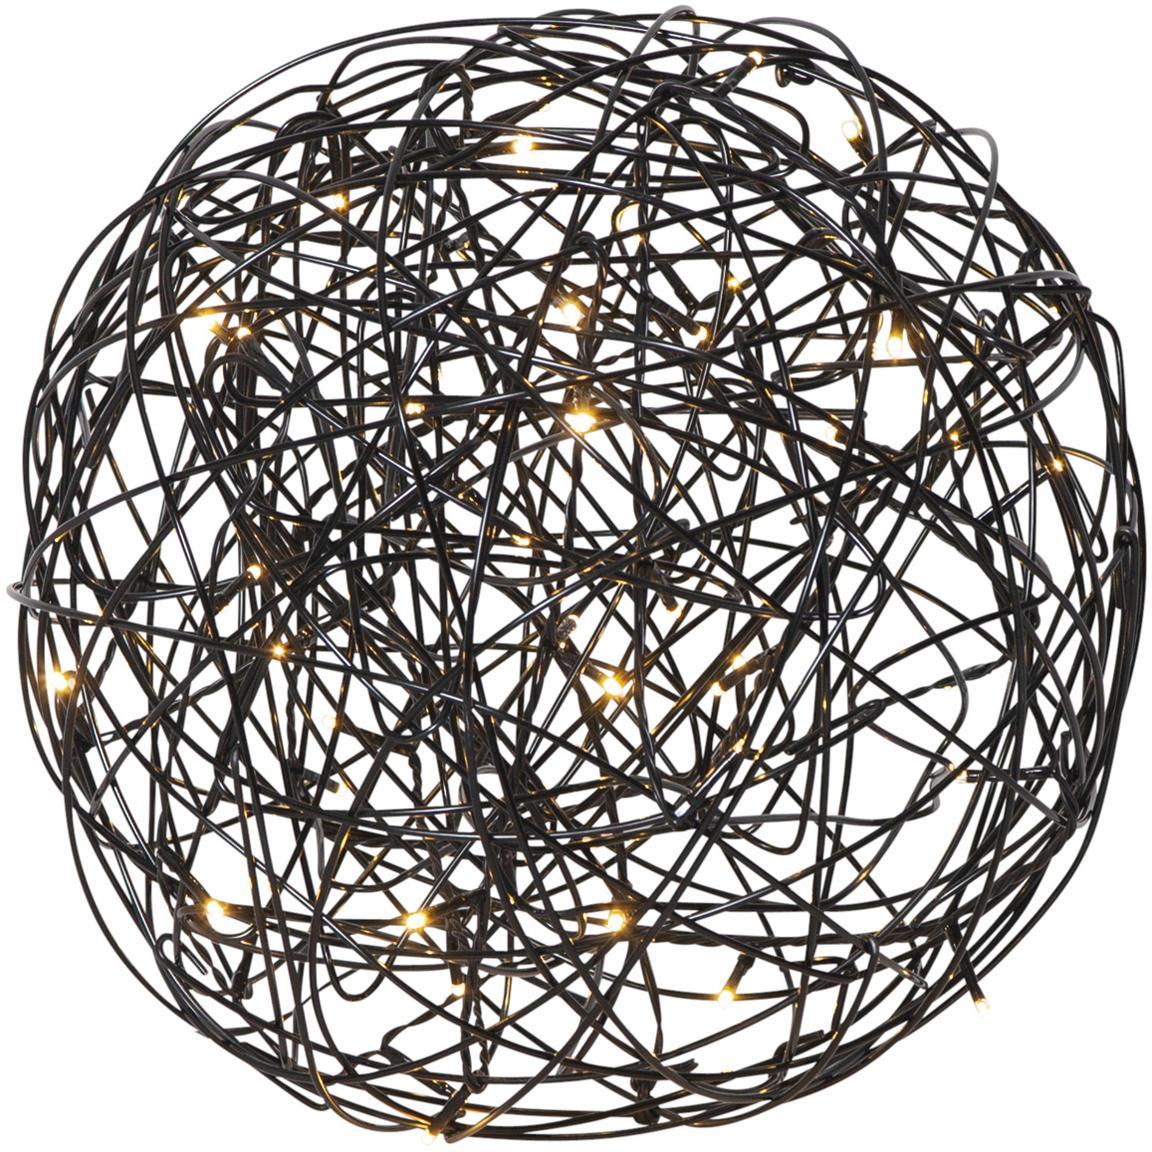 Zewnętrzna lampa LED Trassel, Metal, aluminium, Czarny, Ø 30 x W 30 cm